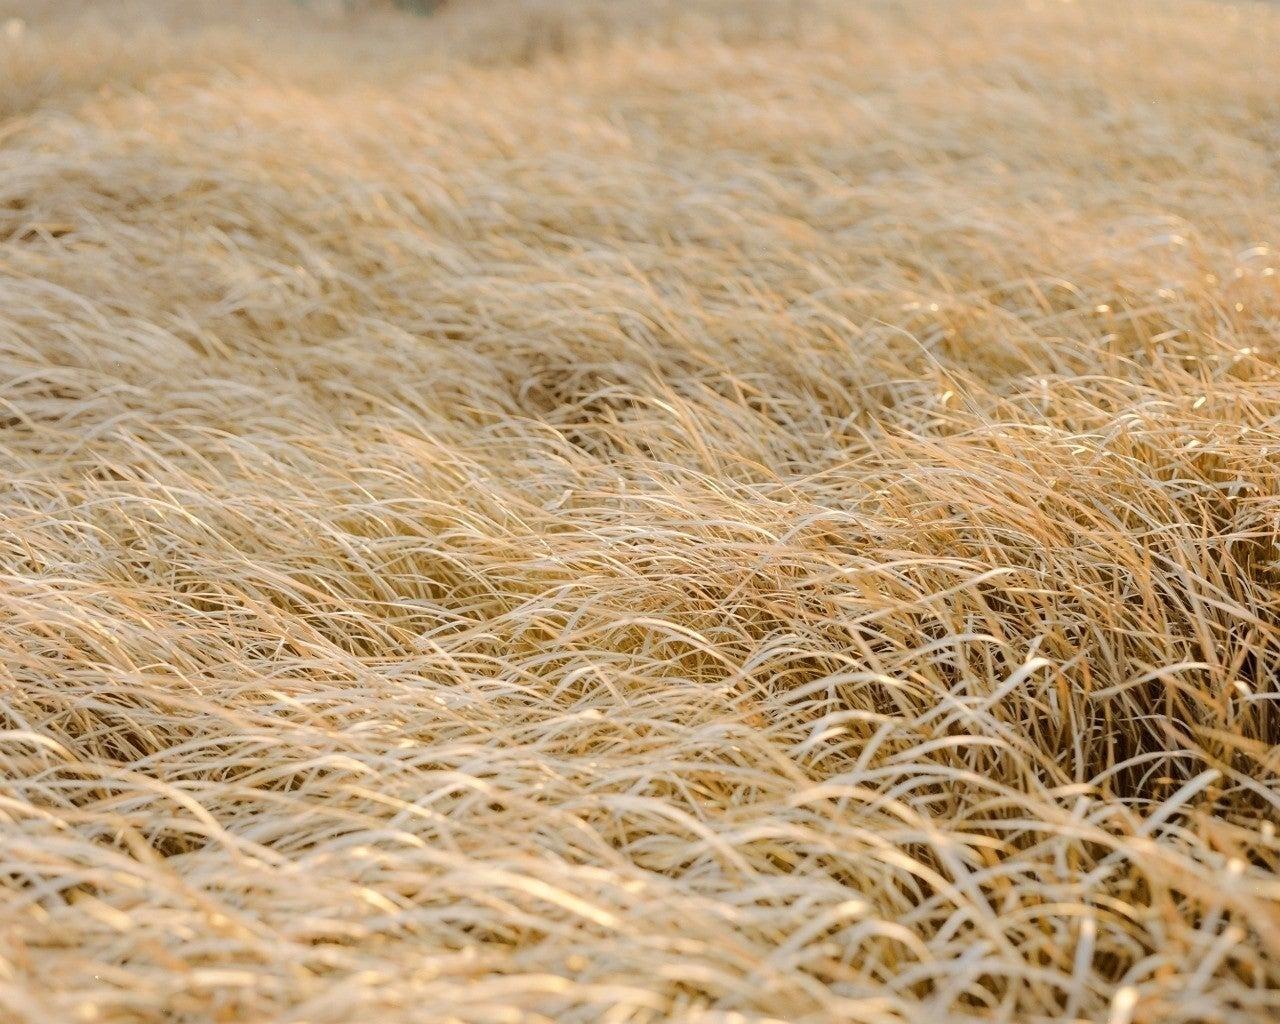 の し らむ に る 吹く の むべ 草木 ば を を といふ から 秋 山風 れ 嵐